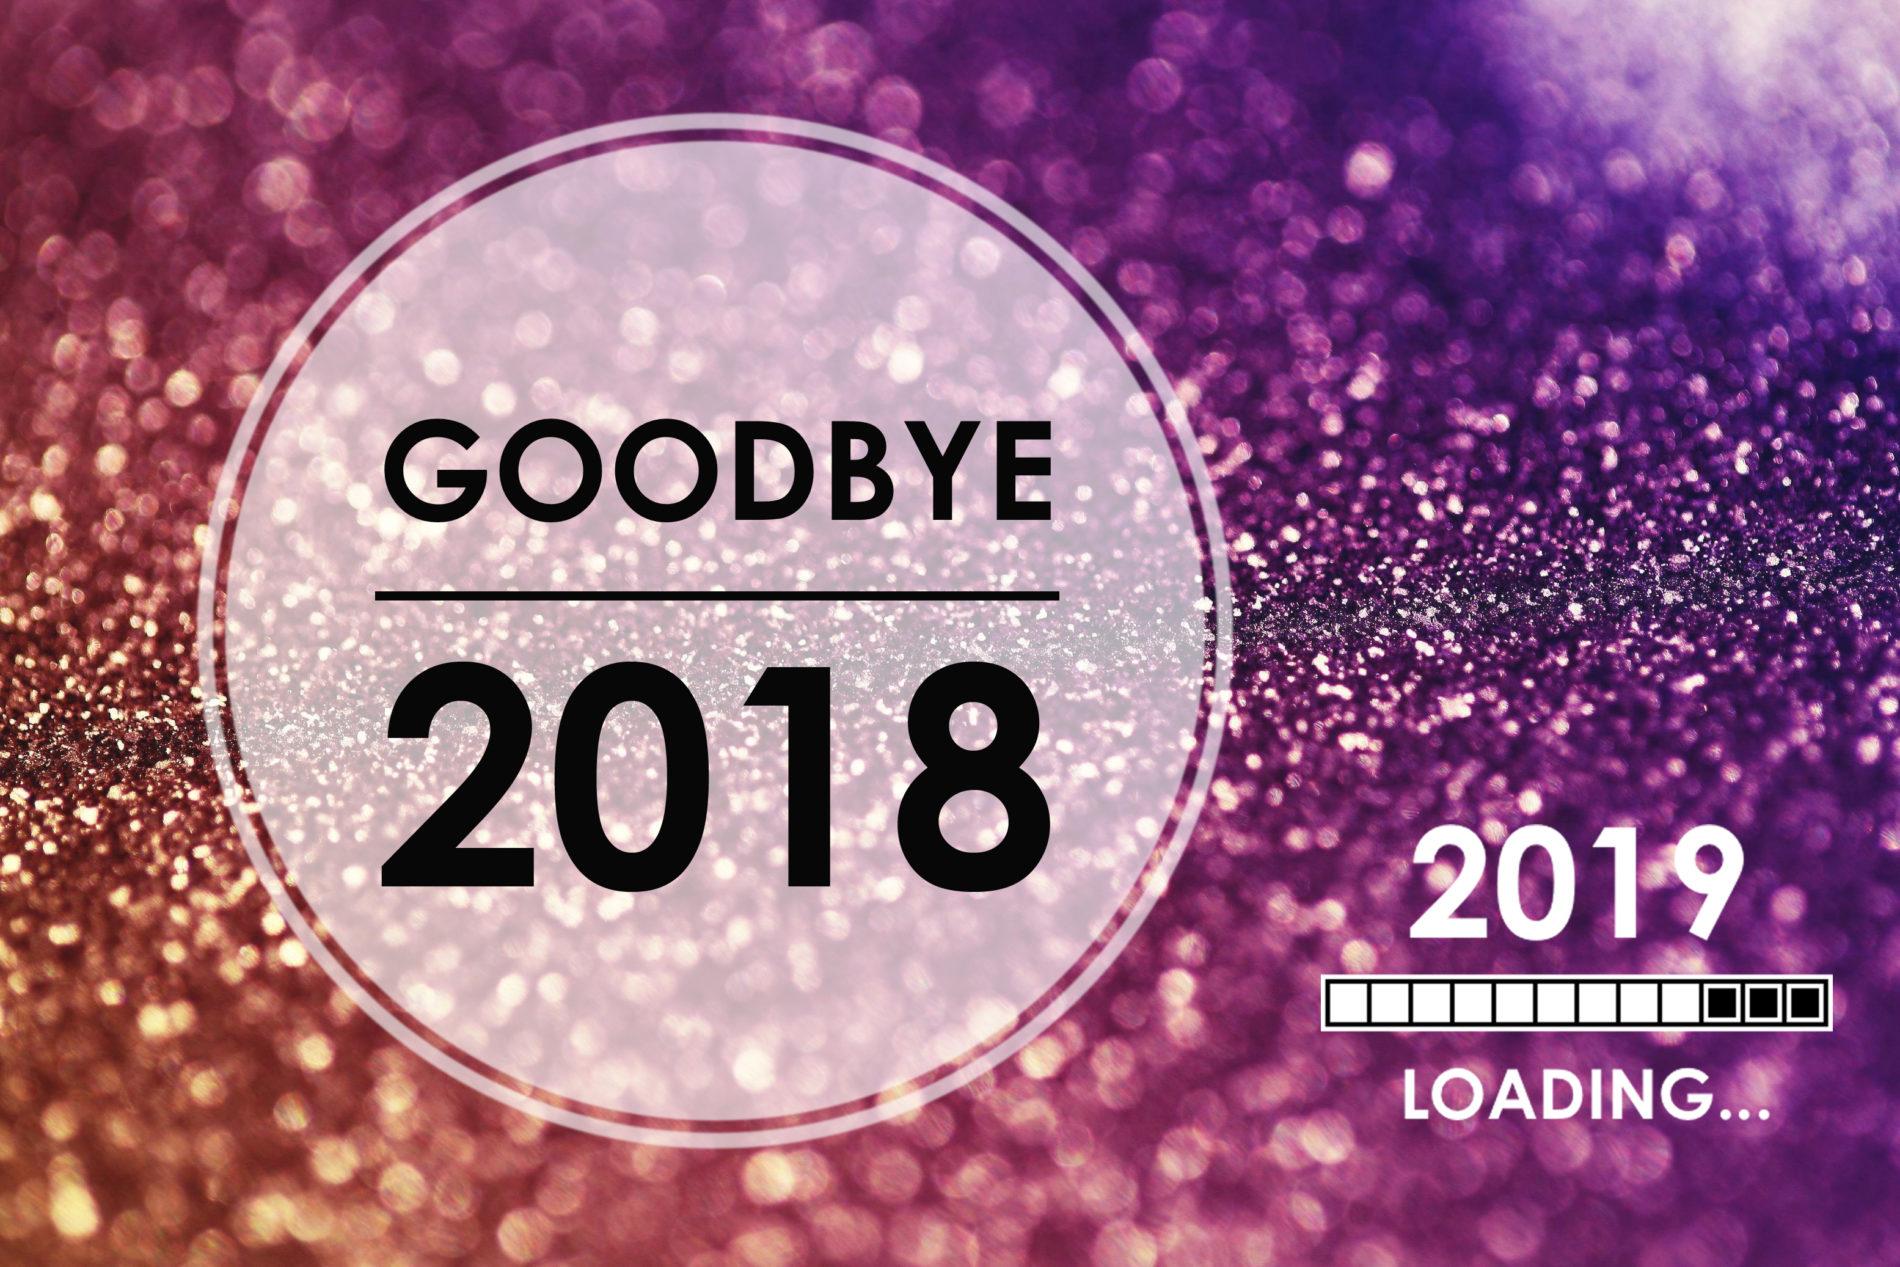 Goodbye 2018… Let's rock it in 2019!